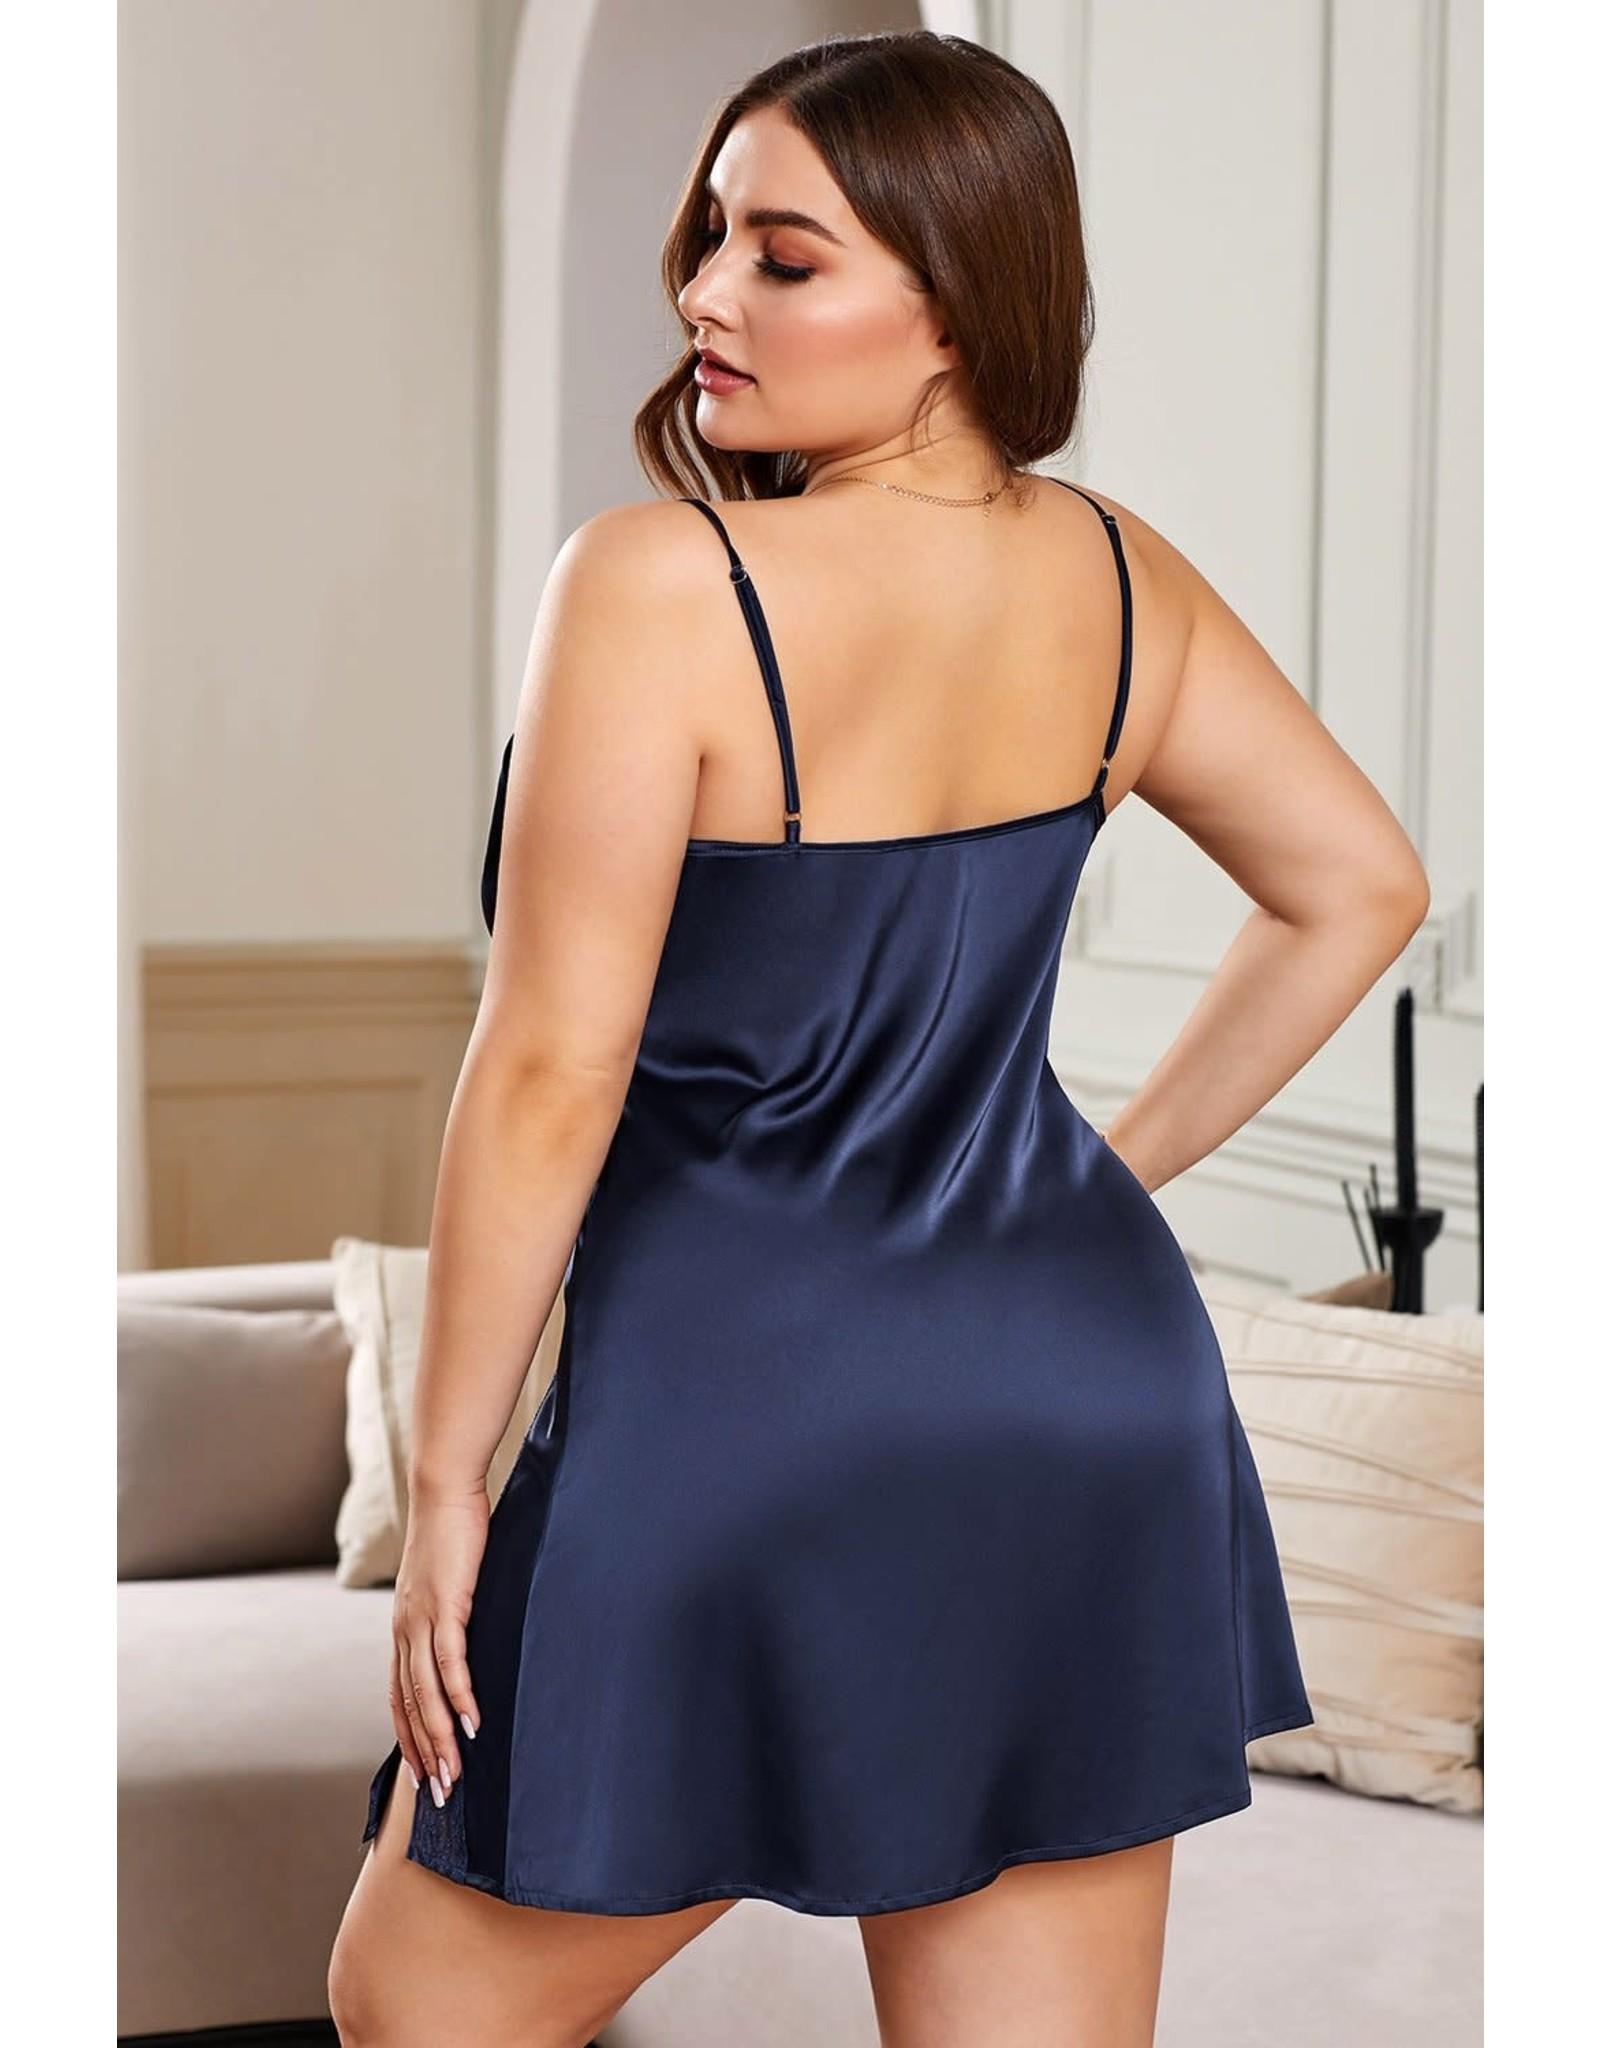 NAVY PLUS SIZE LACE TRIM VALENTINE BABYDOLL DRESS - (US 30-32)5X